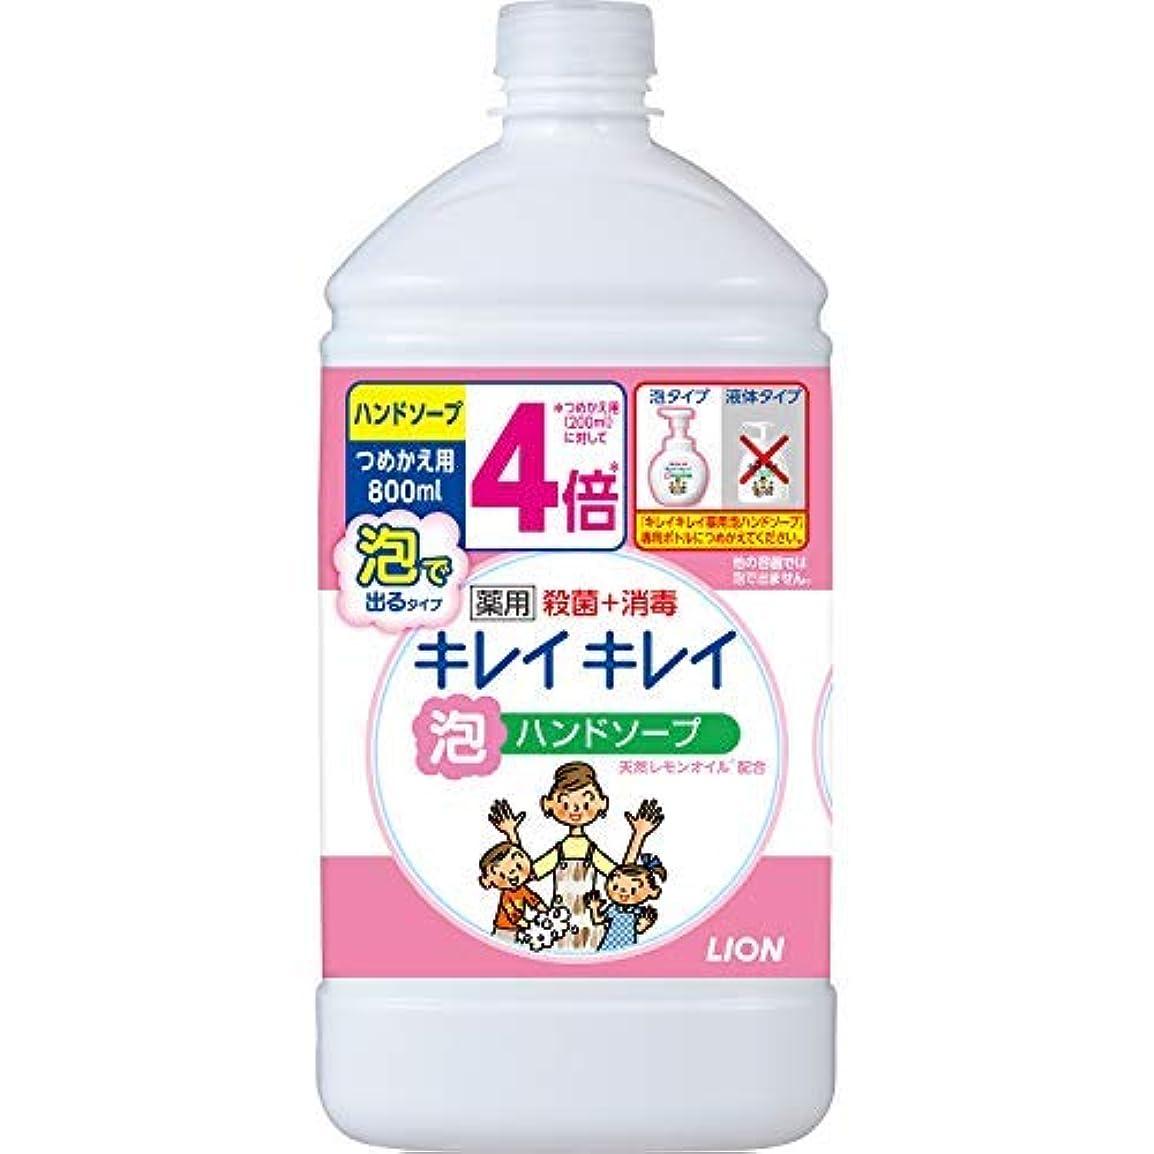 ドリル病弱タッチキレイキレイ 薬用泡ハンドソープ つめかえ用特大サイズ シトラスフルーティ × 2個セット